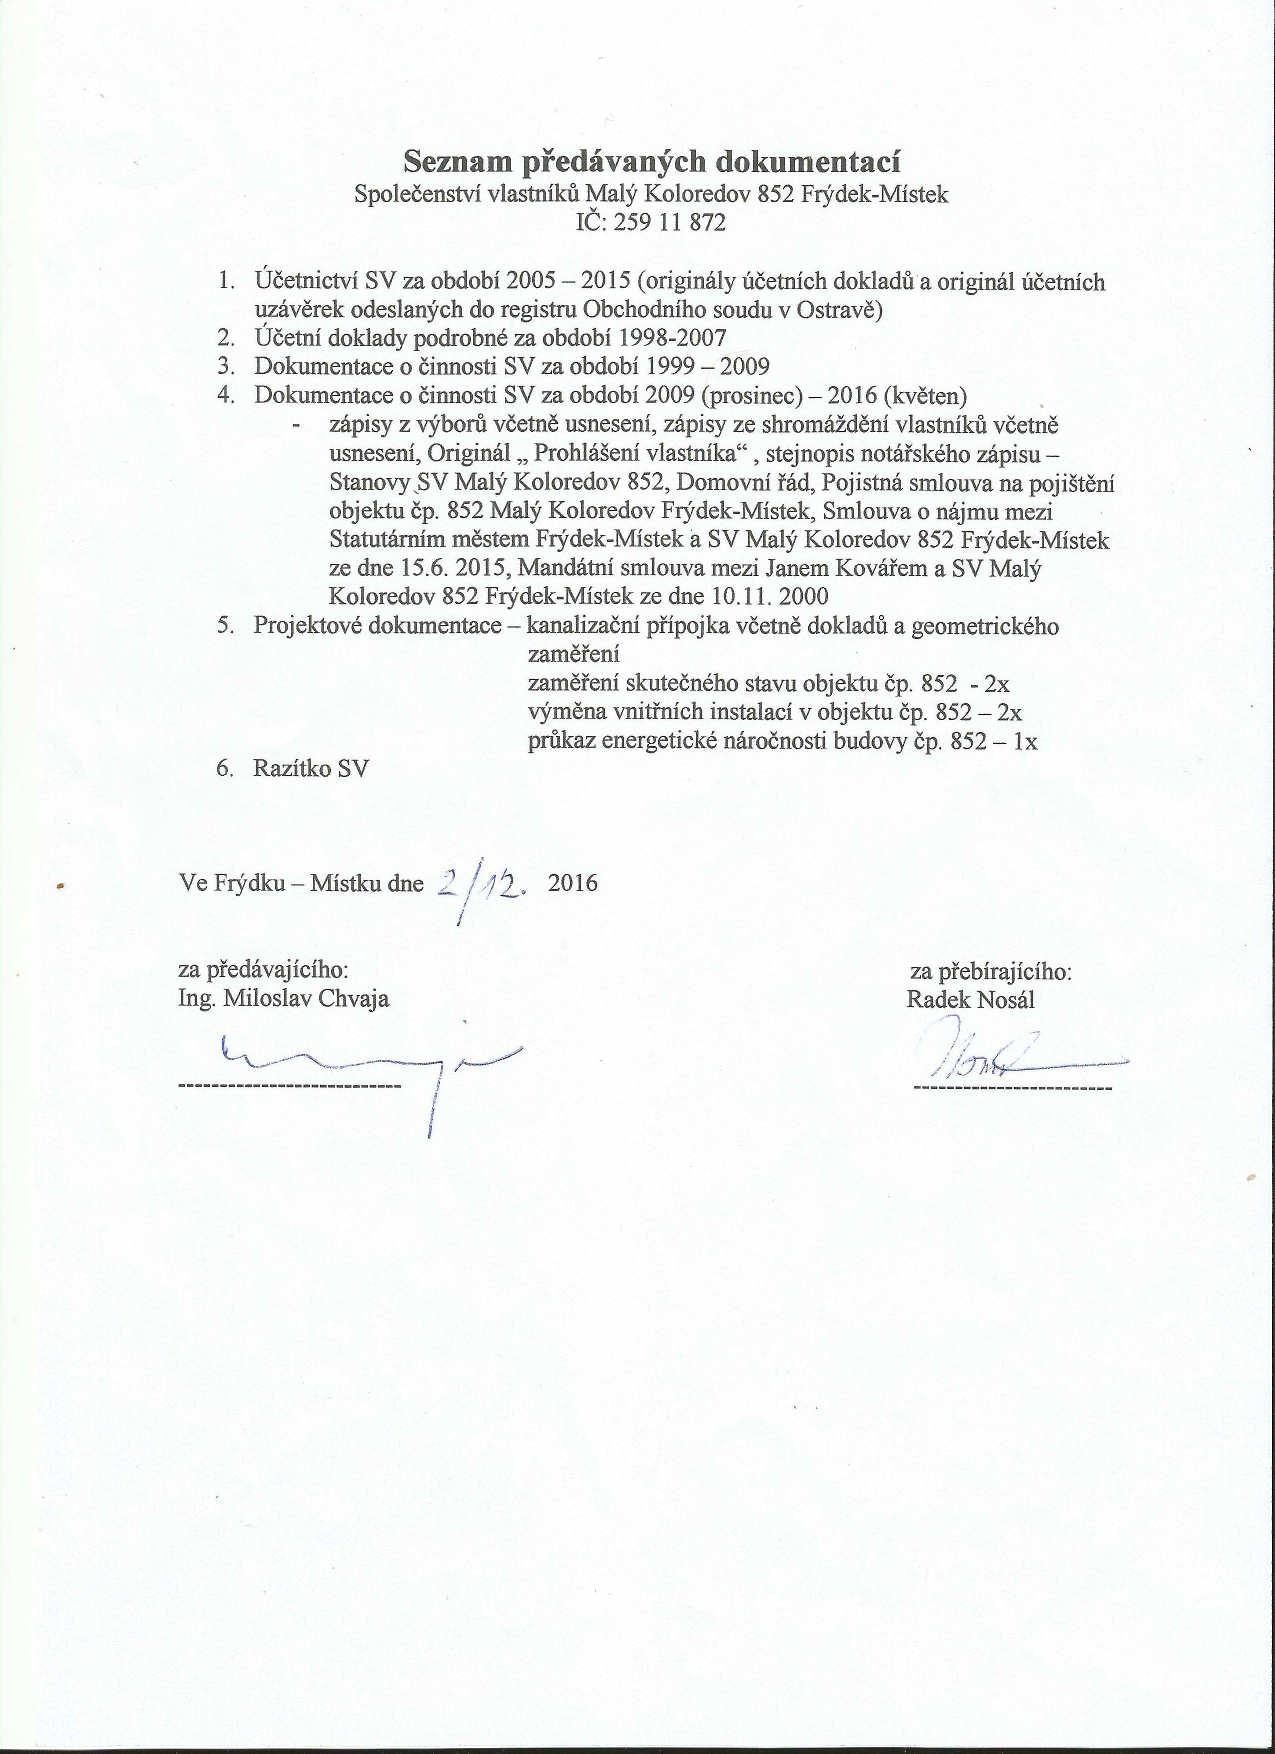 Seznam dokumentů